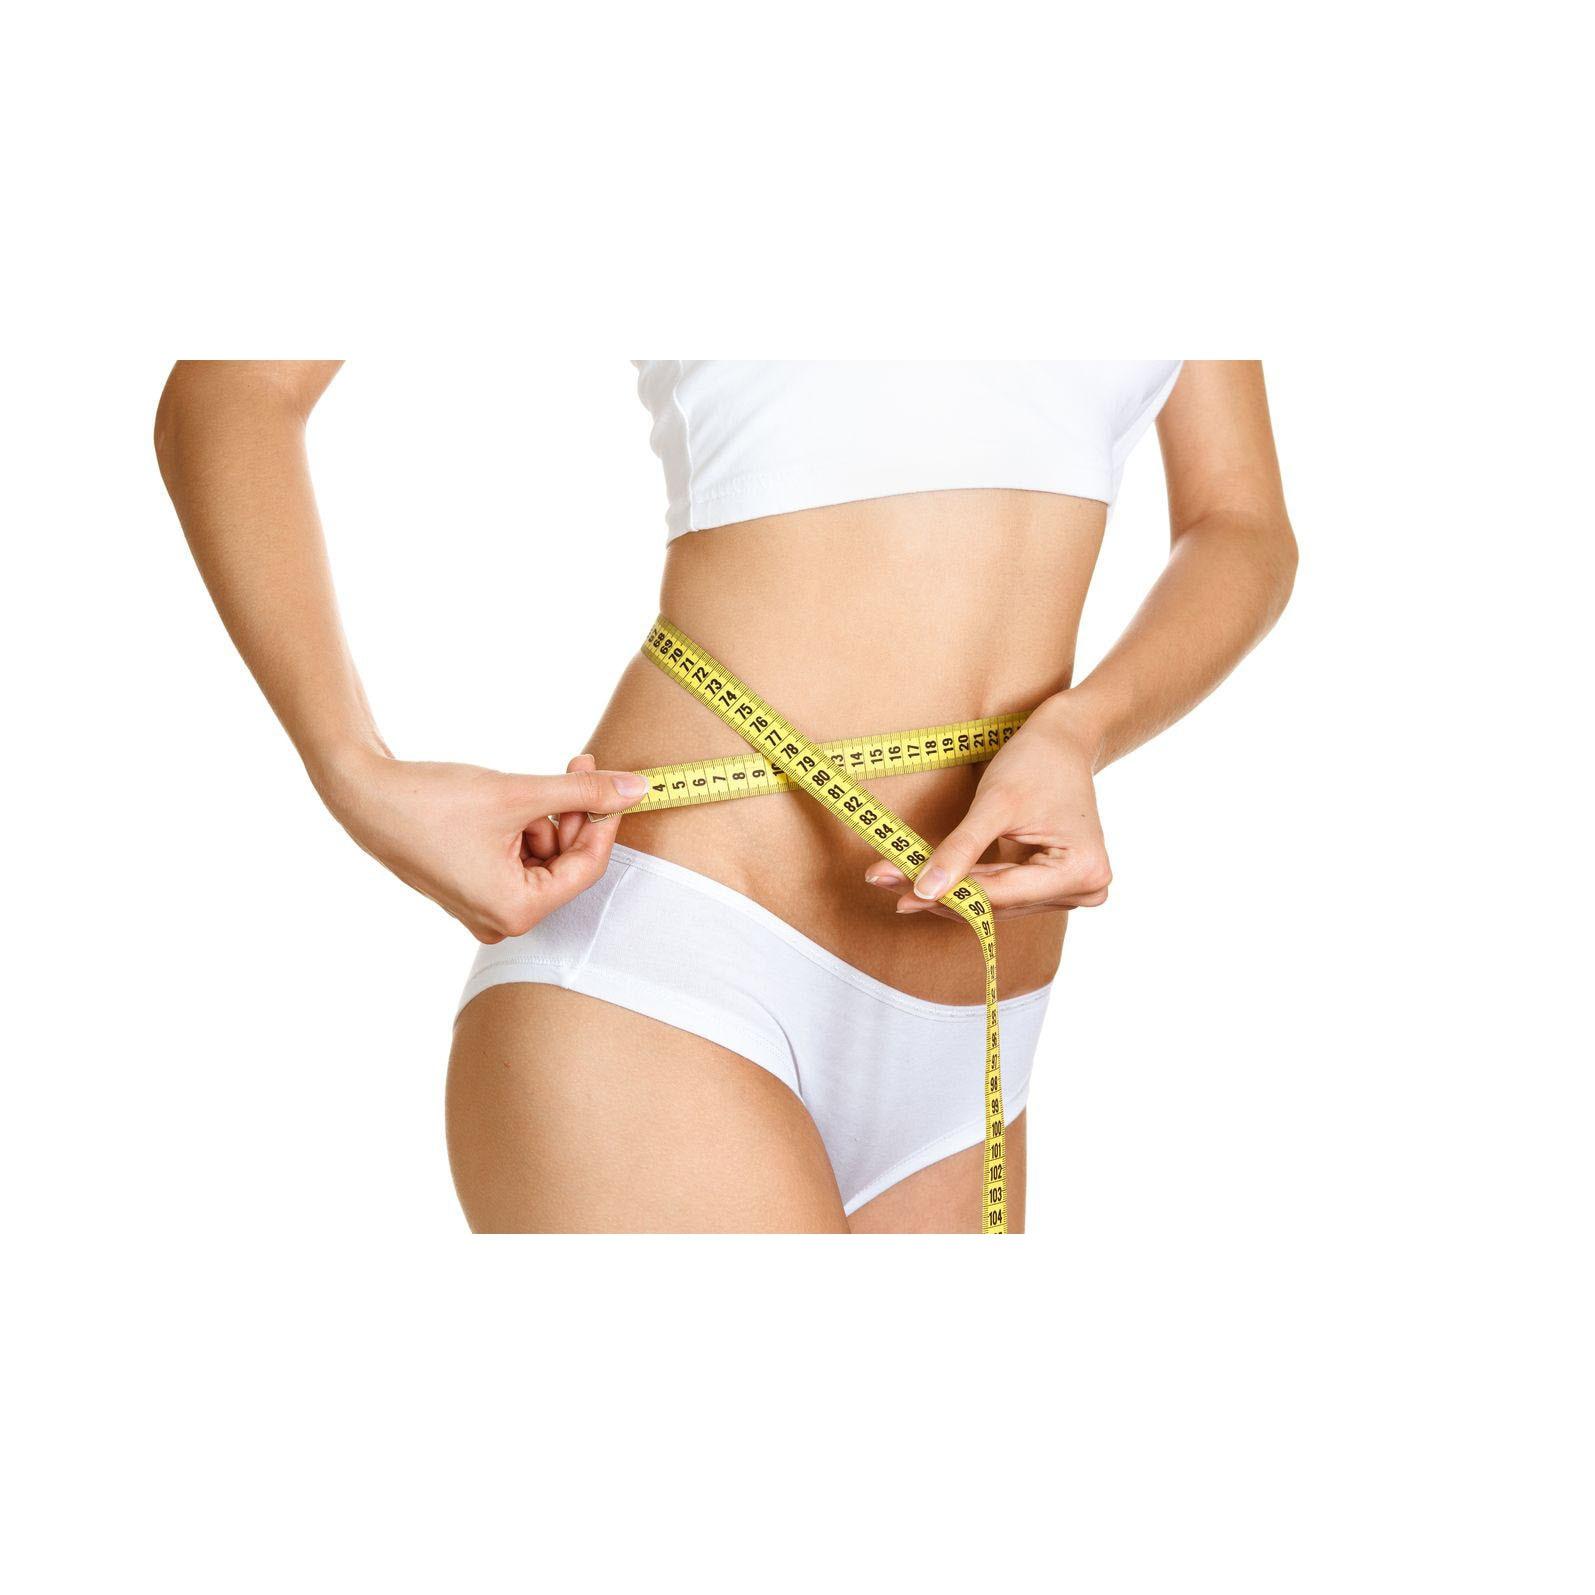 direcții despre cum să piardă în greutate